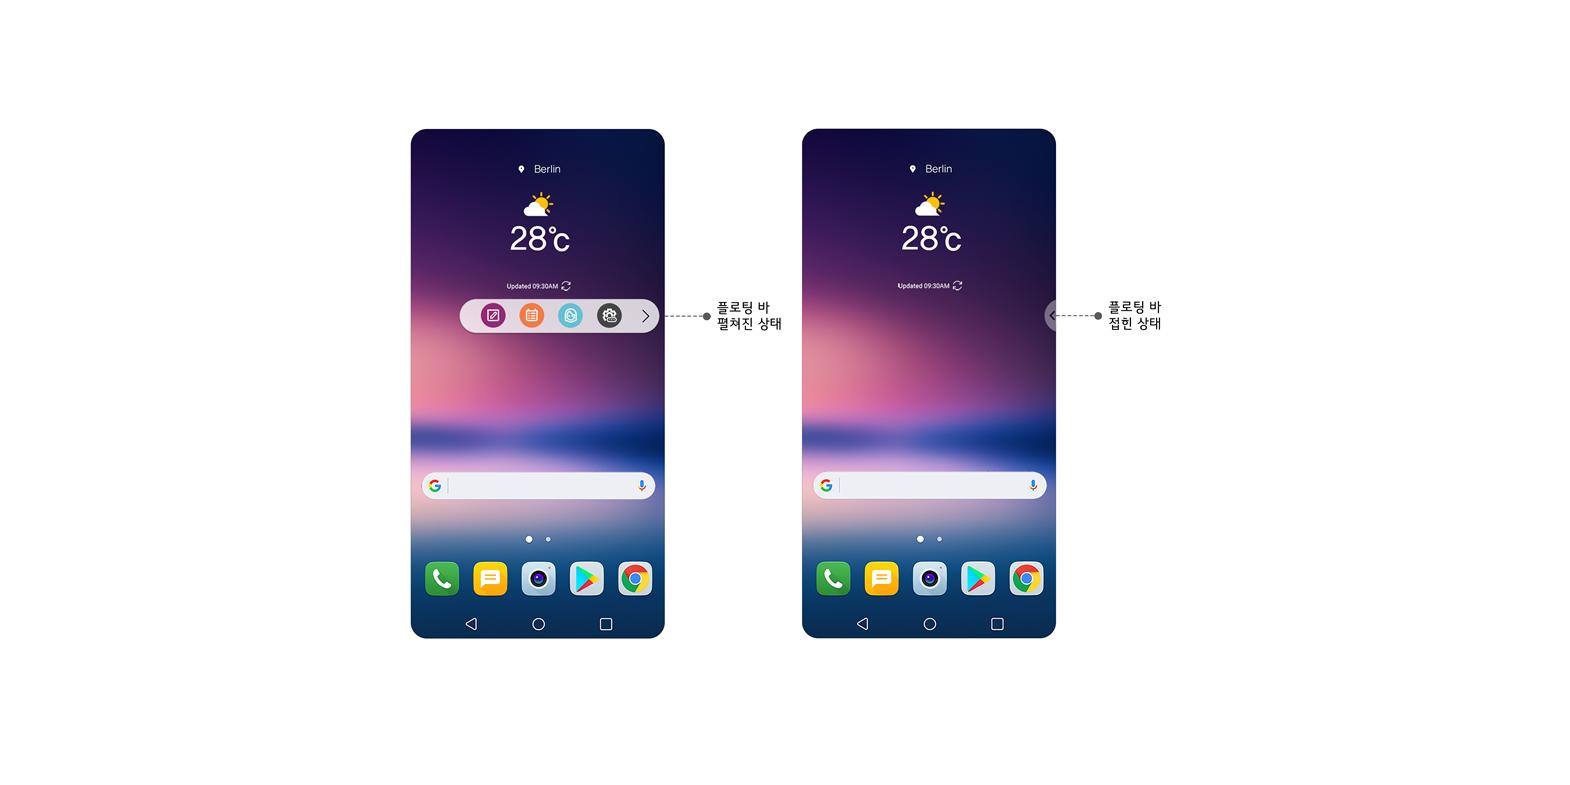 LG V30, 누구나 쉽고 편리하게 즐기는 사용자 경험 담았다